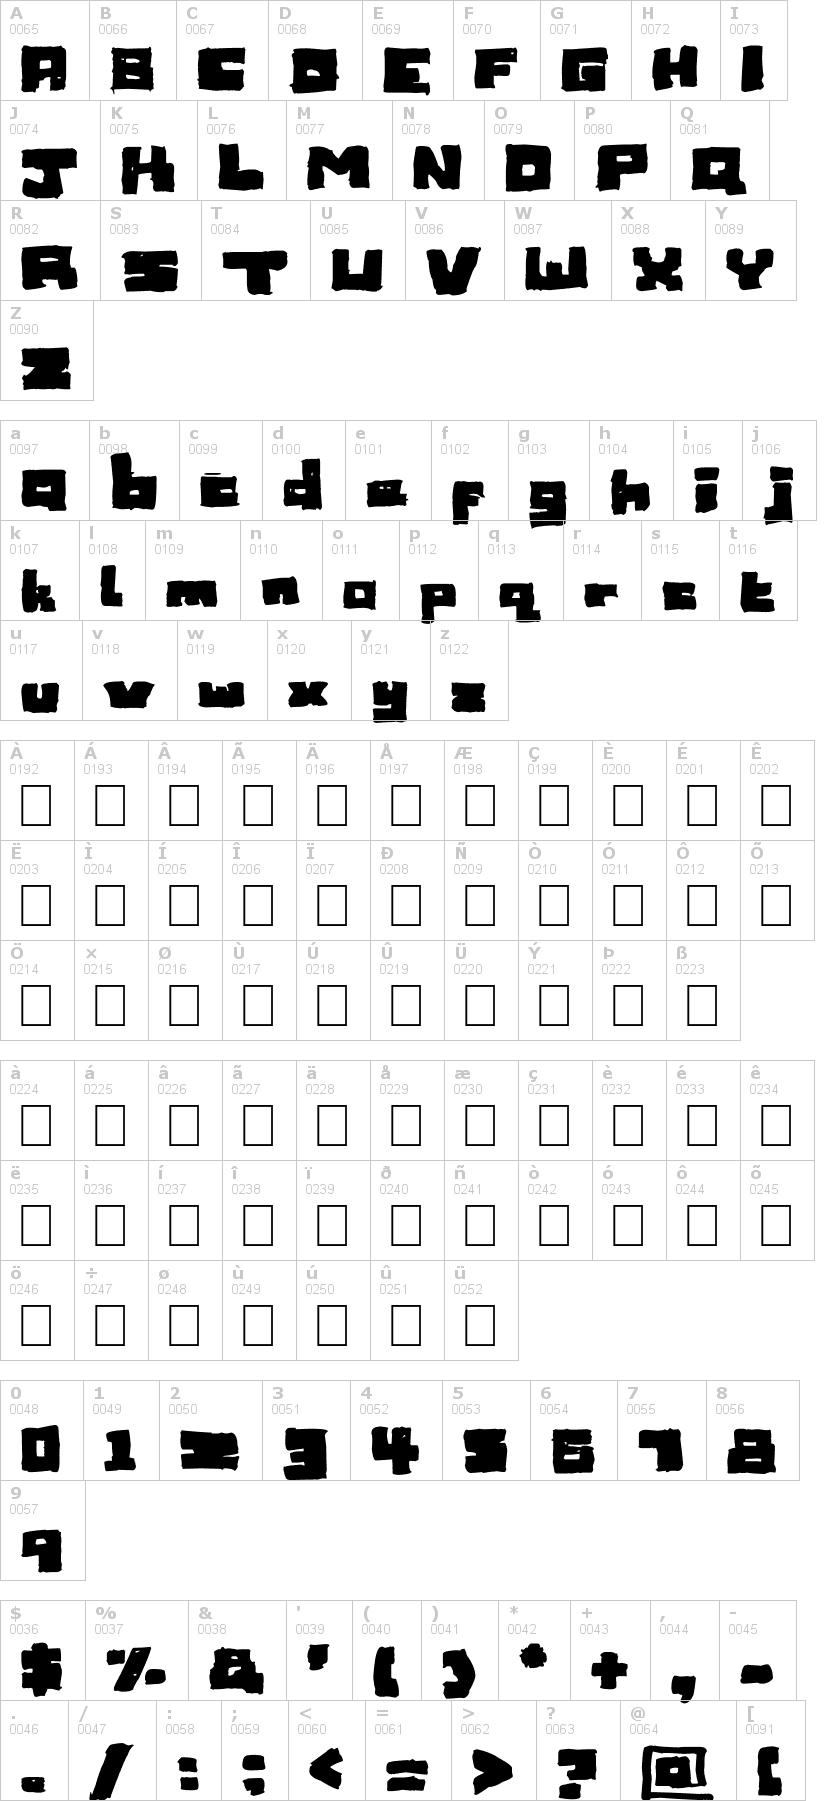 Lettere dell'alfabeto del font sketchy-spud con le quali è possibile realizzare adesivi prespaziati